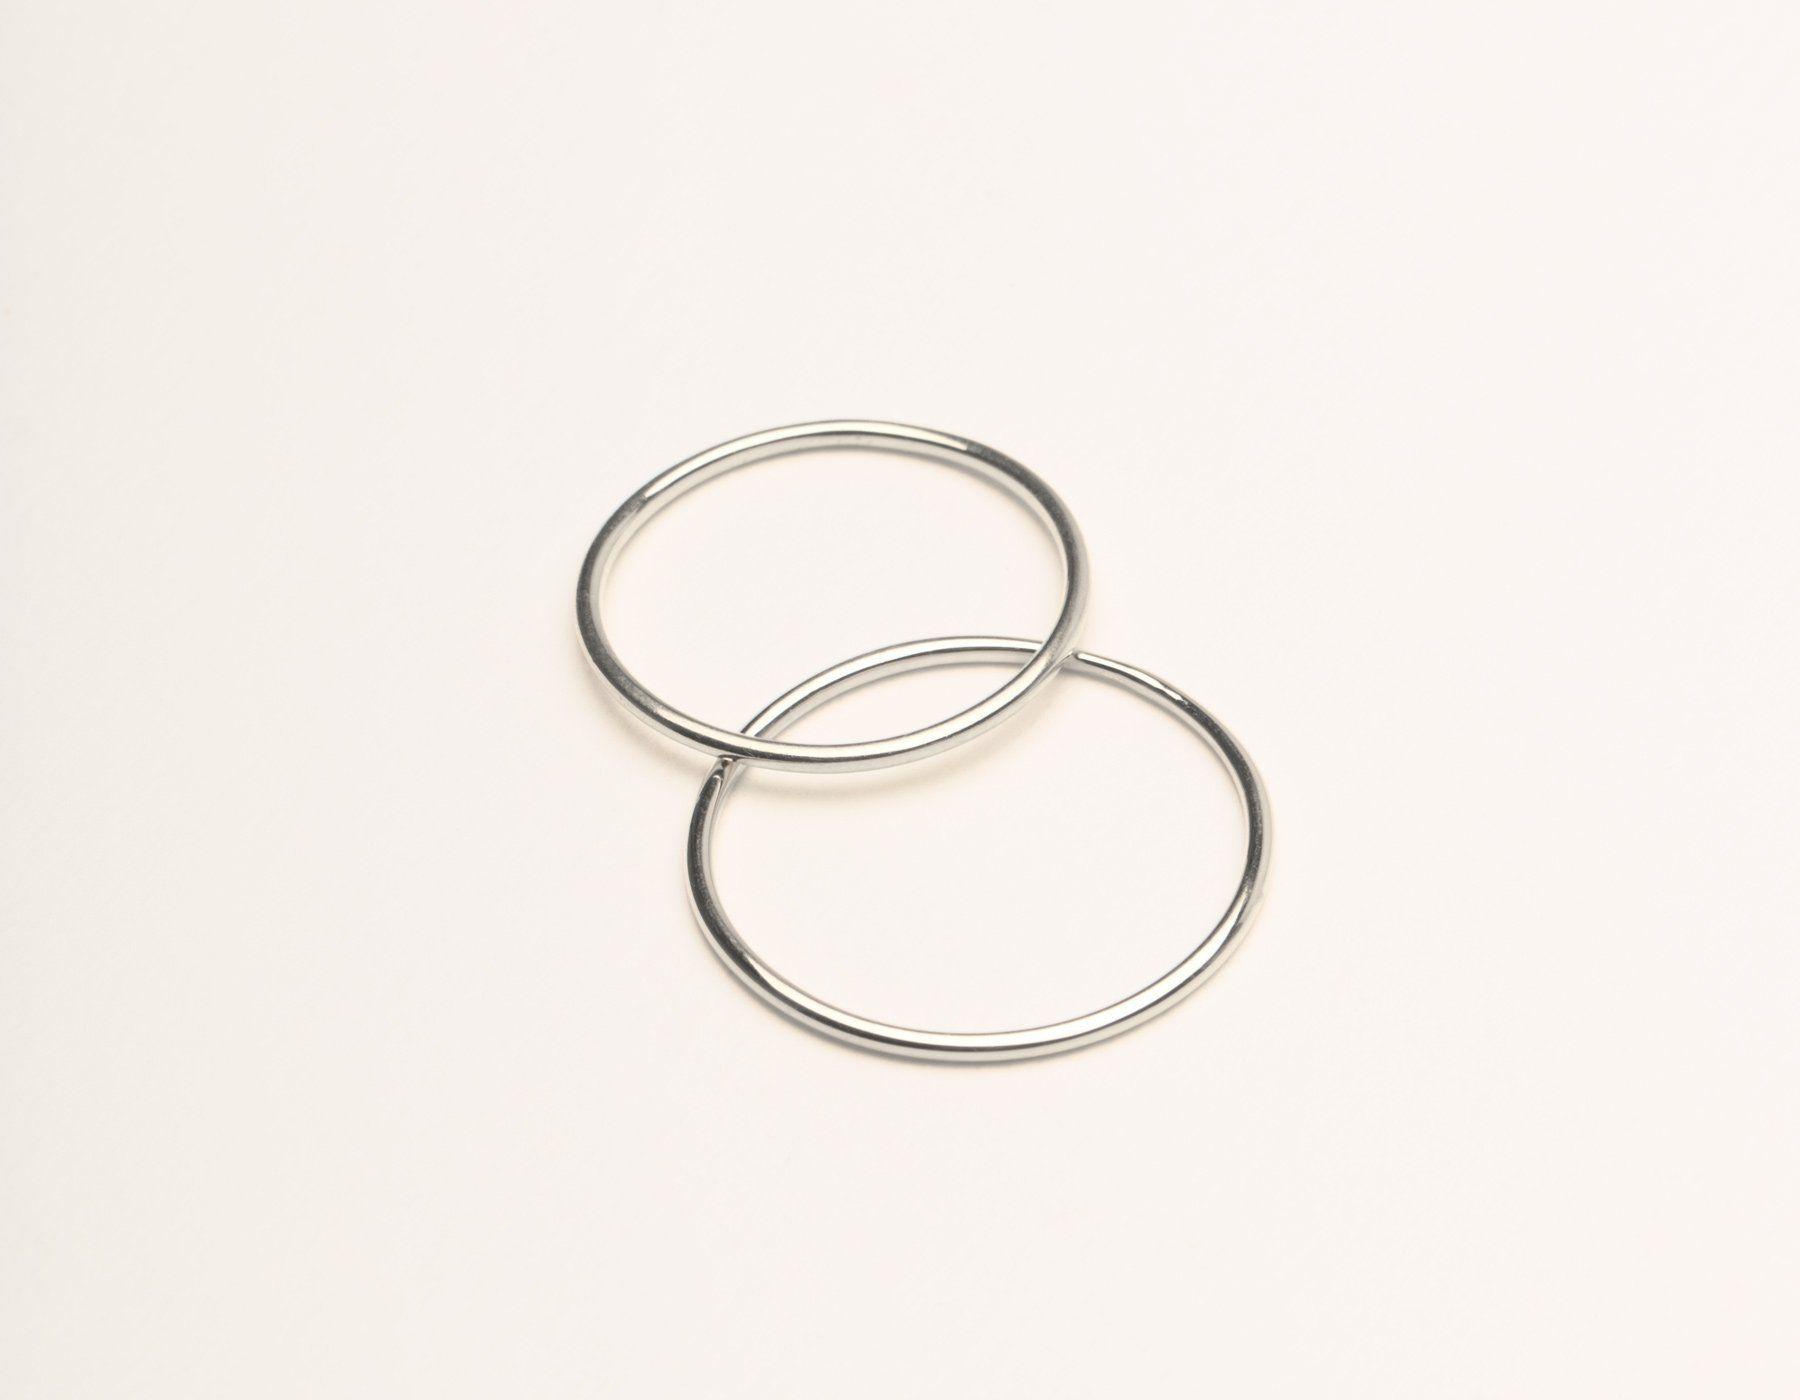 62181127e5851e Skinny Stacker Ring 14k solid gold Vrai & Oro plain round thin band, 14K  White Gold